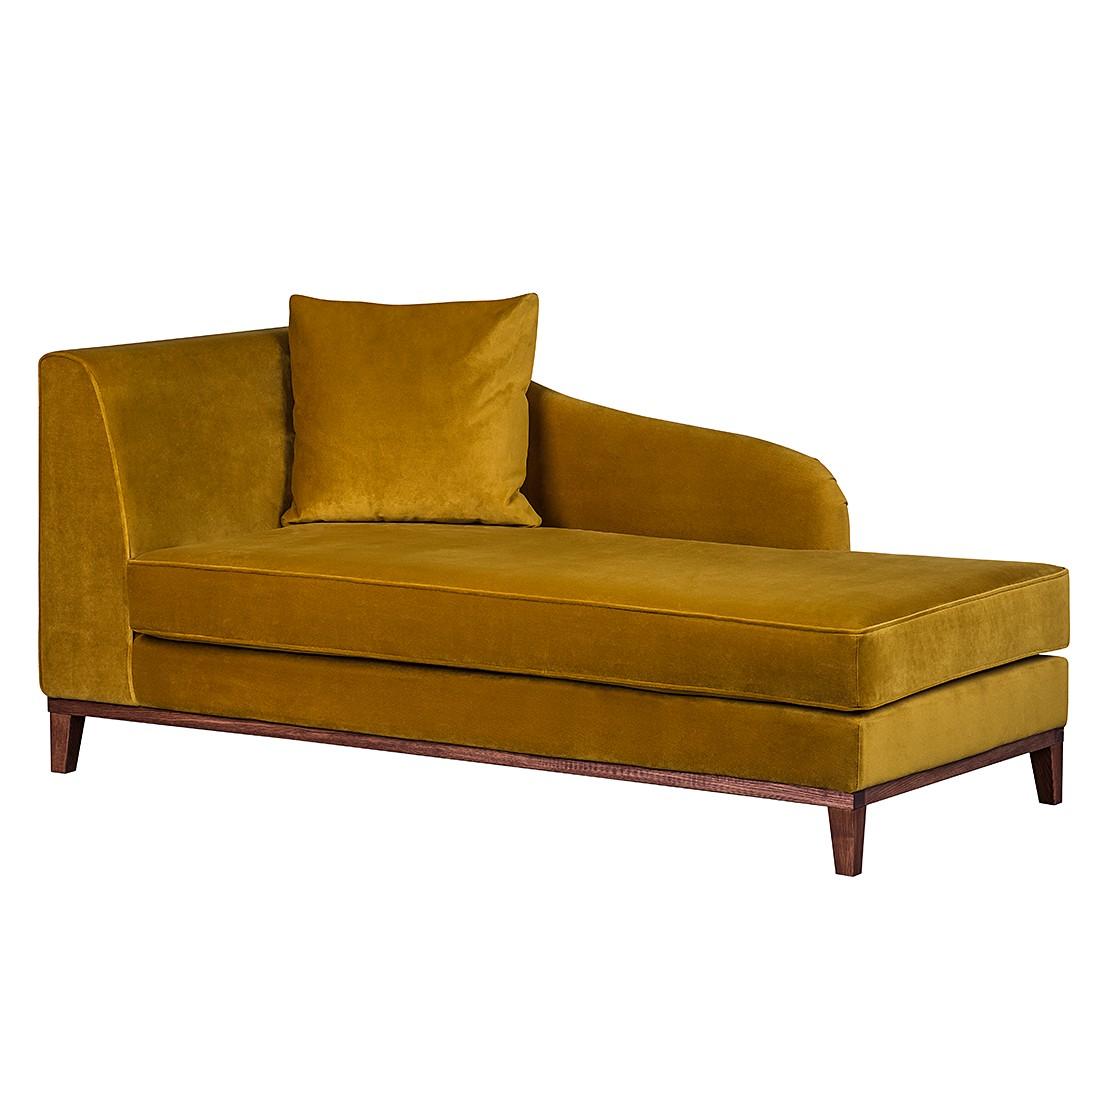 home24 Recamiere Blomma   Wohnzimmer > Sofas & Couches > Recamieren   Gelb   Textil   Jack und Alice